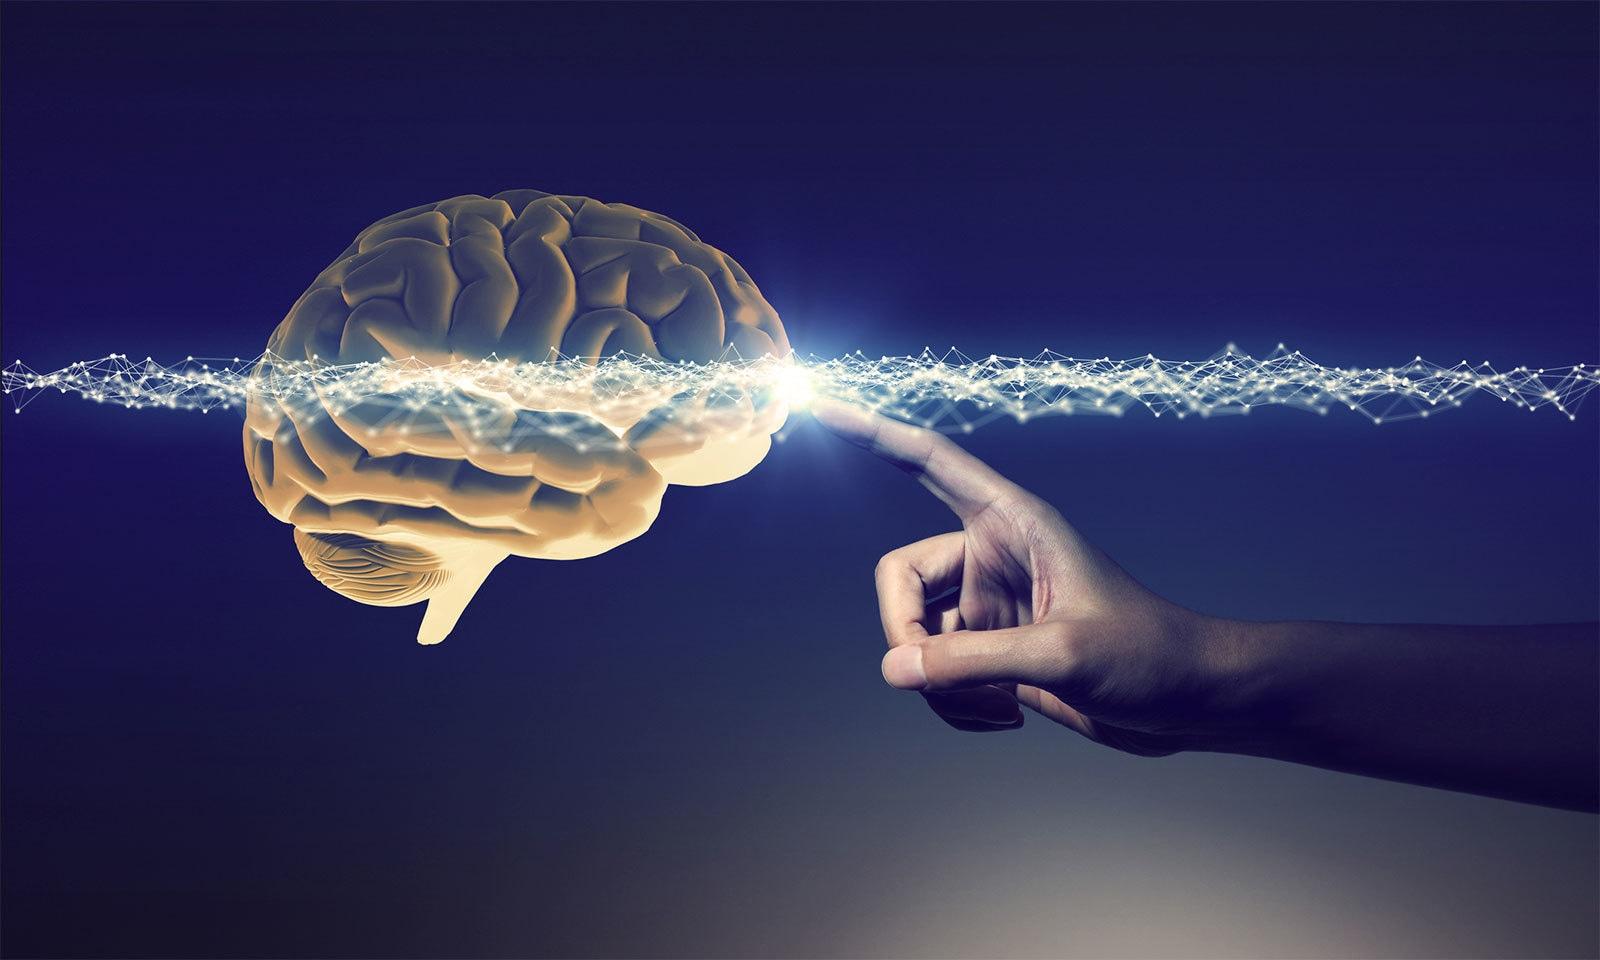 دماغ کے بارے میں وہ حیران کن معلومات جو 2019 میں معلوم ہوئیں